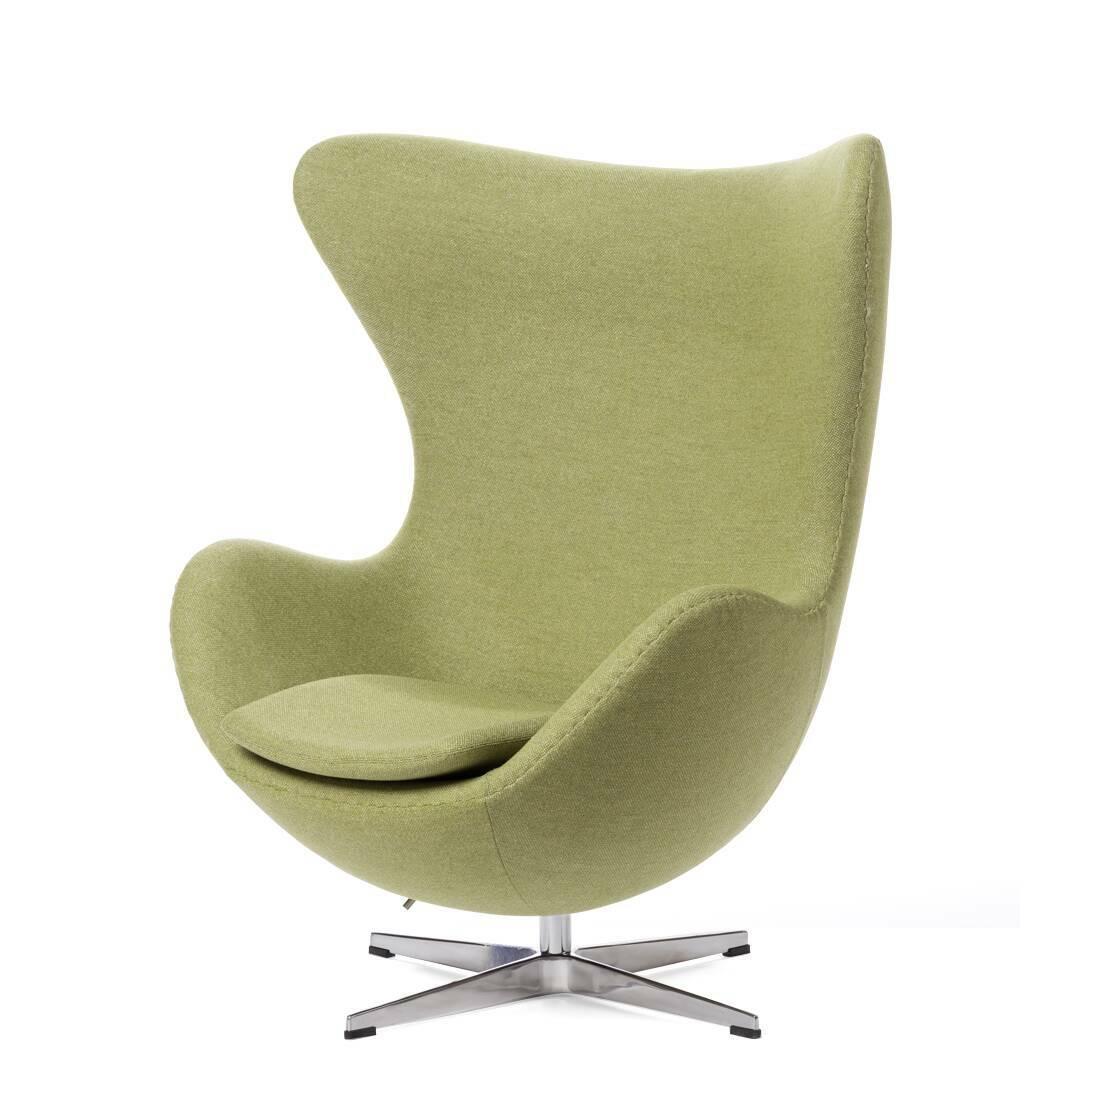 Кресло EggИнтерьерные<br>Дизайнерское комфортное кресло Egg (Эгг) в форме яйца на узкой ножке от Cosmo (Космо).<br><br><br> Кресло, своими очертаниями напоминающее яйцо, — одно из самых известных творений датского дизайнера Арне Якобсена. Вряд ли оно когда-нибудь выйдет из моды — уж слишком велик диапазон его интерьерных возможностей. Кроме того, обыгрывать данную форму помогают различные фактуры и цвета обивок.<br><br><br> Особенно приятно и солидно смотрится оригинальное кресло Egg в обивке из натуральной кожи, представлен...<br><br>stock: 1<br>Высота: 105,5<br>Высота сиденья: 41<br>Ширина: 87<br>Глубина: 82<br>Цвет ножек: Хром<br>Материал обивки: Шерсть, Нейлон<br>Коллекция ткани: B Fabric<br>Тип материала обивки: Ткань<br>Тип материала ножек: Алюминий<br>Цвет обивки: Бежево-зеленый